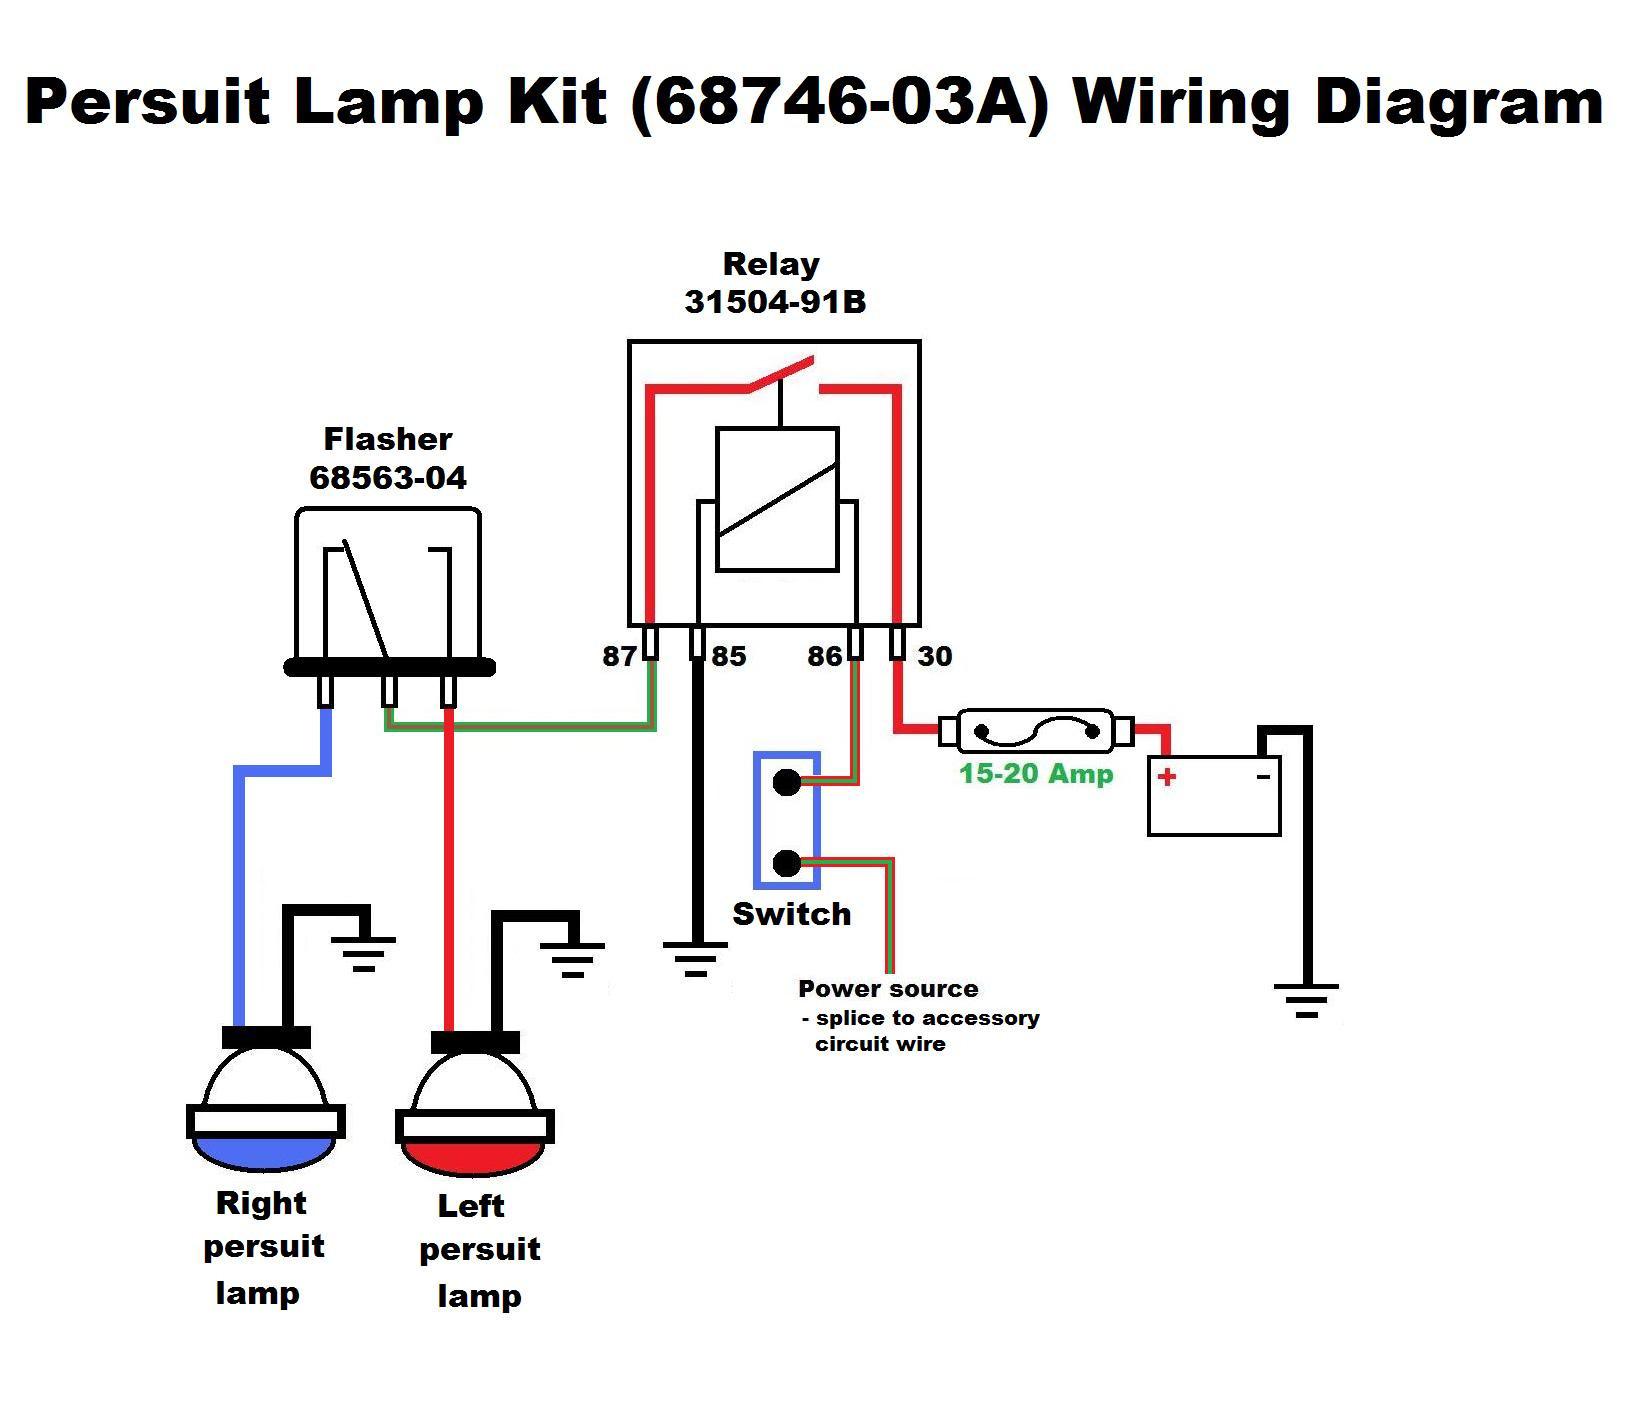 Harley Davidson Tail Light Wiring Diagram Simplified Shapes Harley - Harley Davidson Tail Light Wiring Diagram